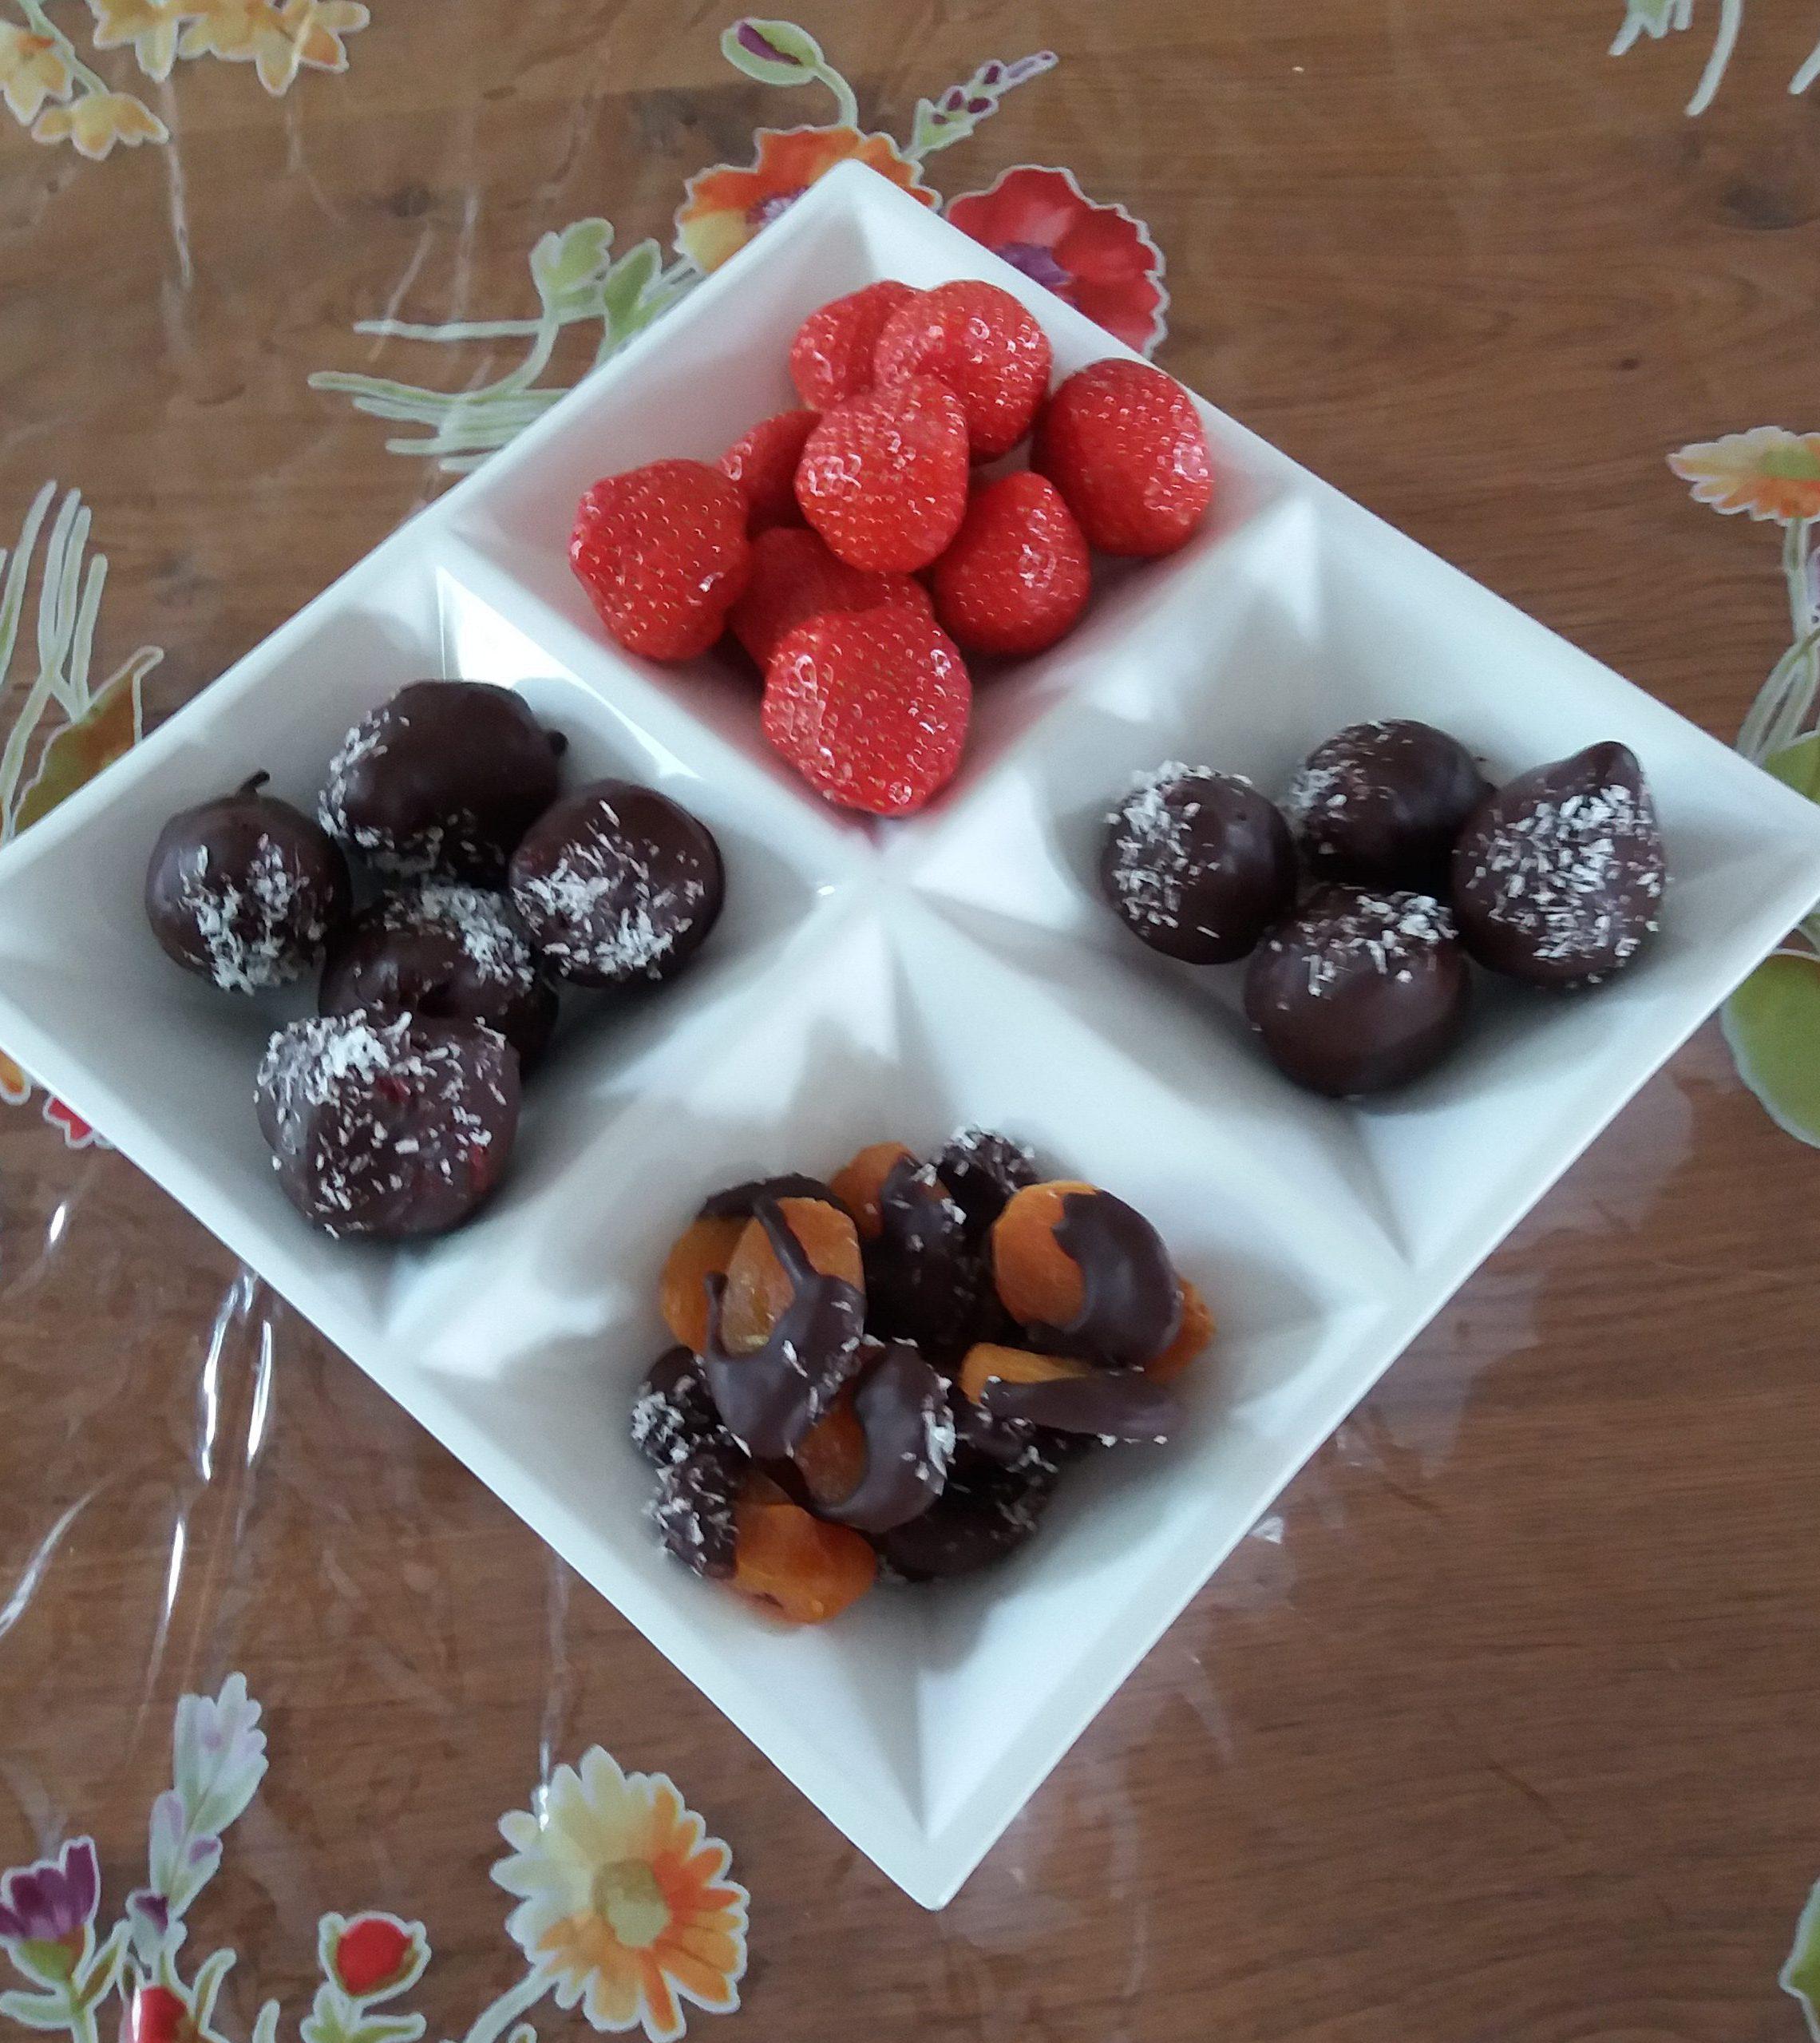 schaal met hapjes van aardbeienbonbons